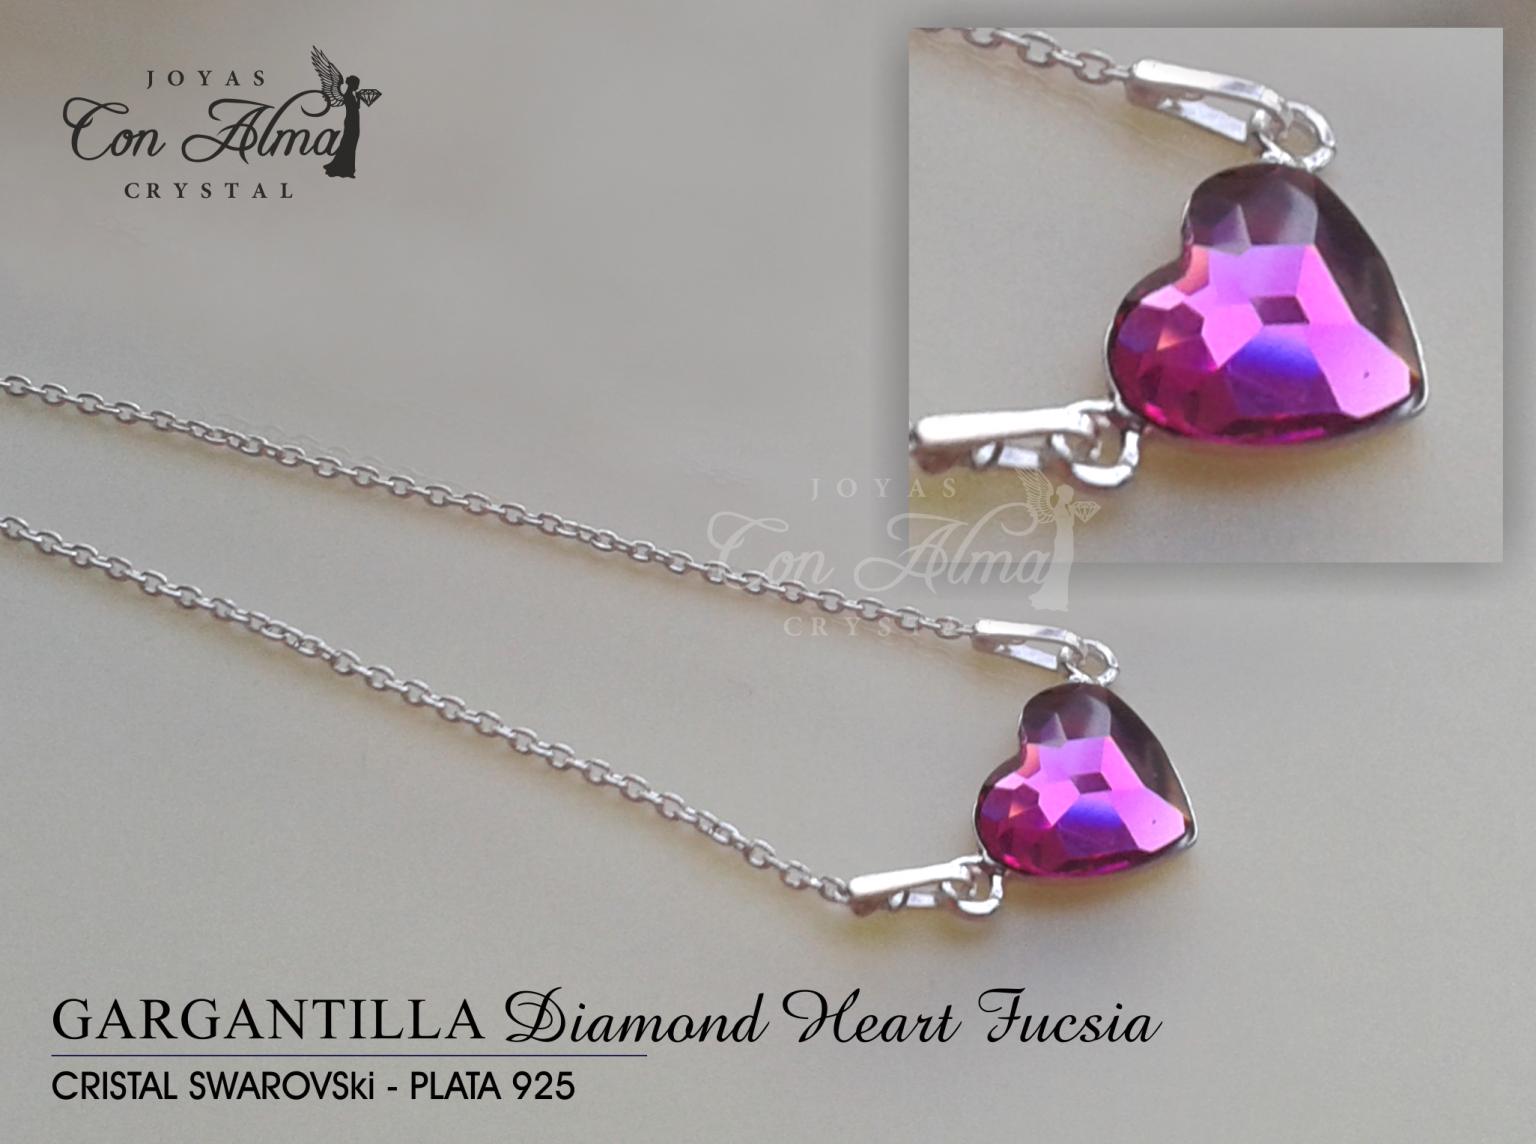 Gargantlla Diamond Fucsia 31,99 €